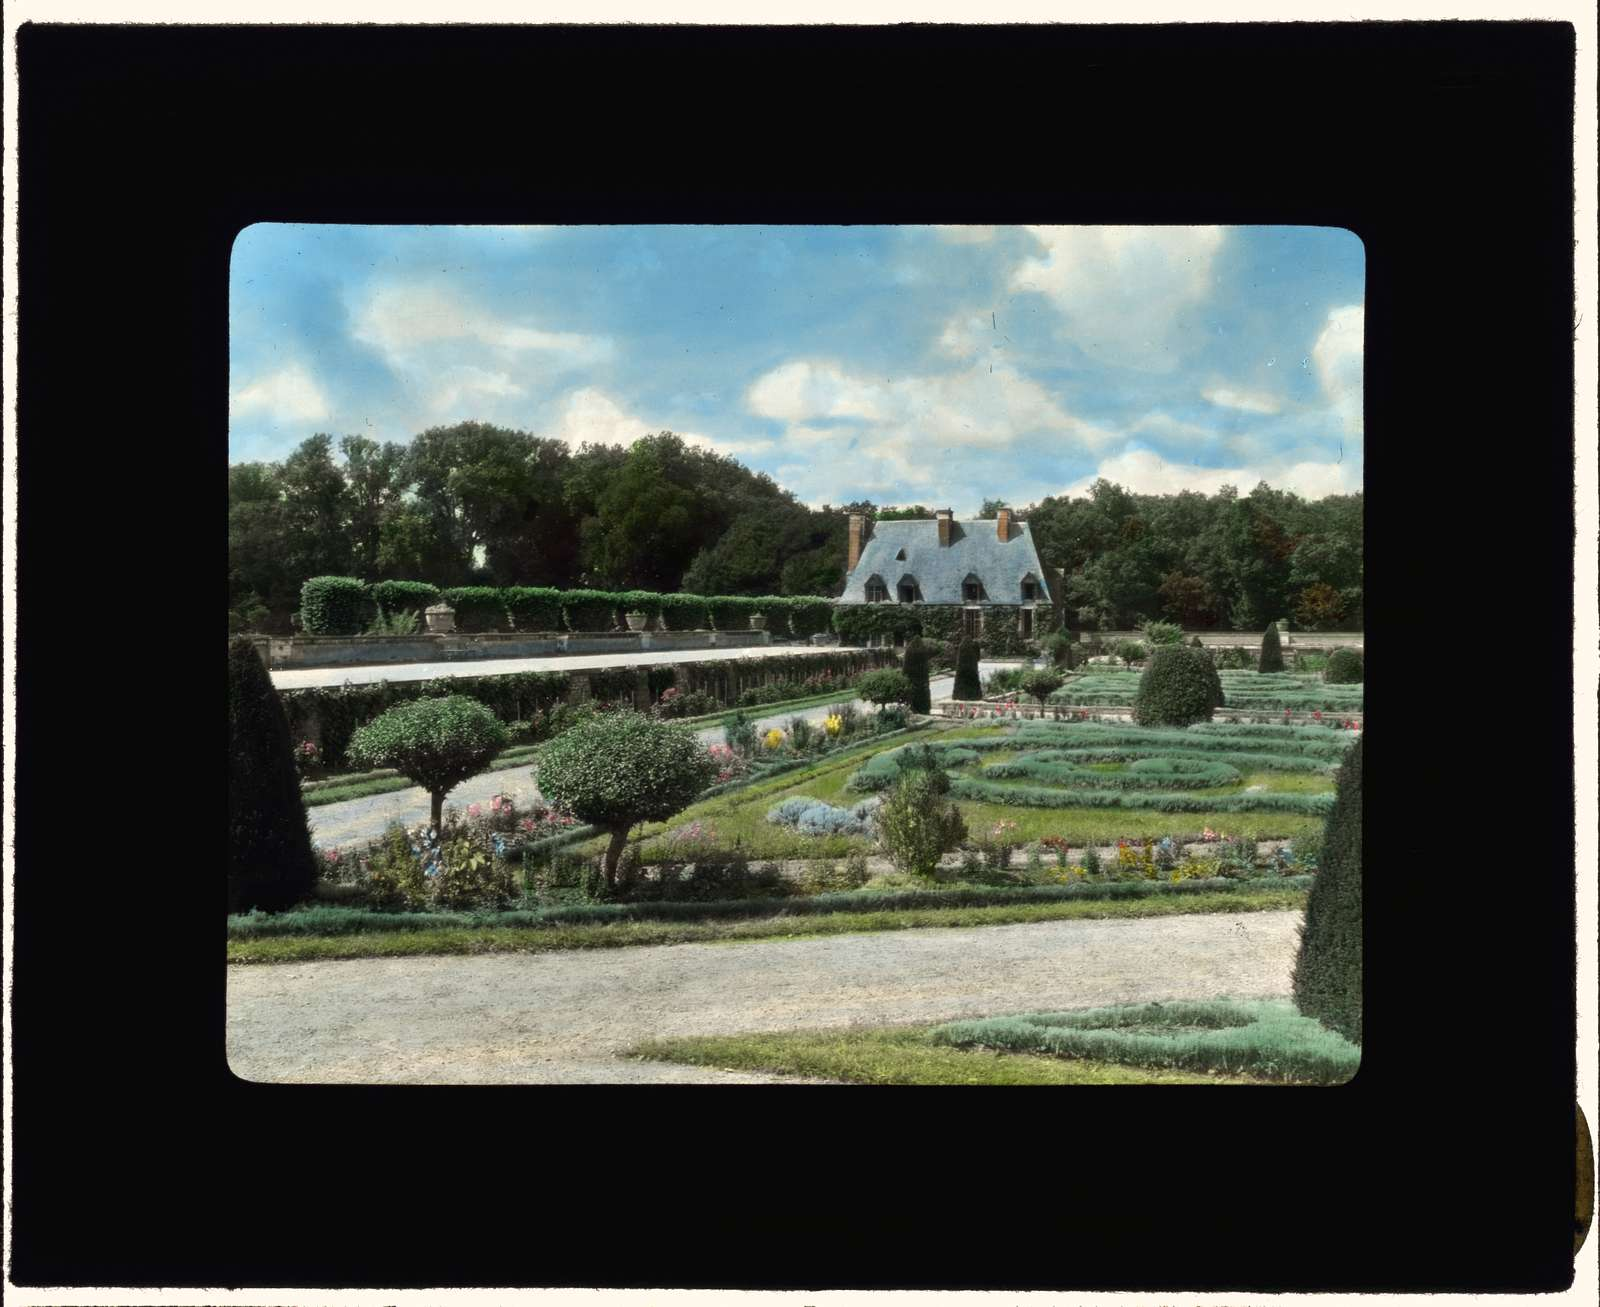 [Chateau of Chenonceau, Chenonceau, Indre-et-Loire, France. Parterre]